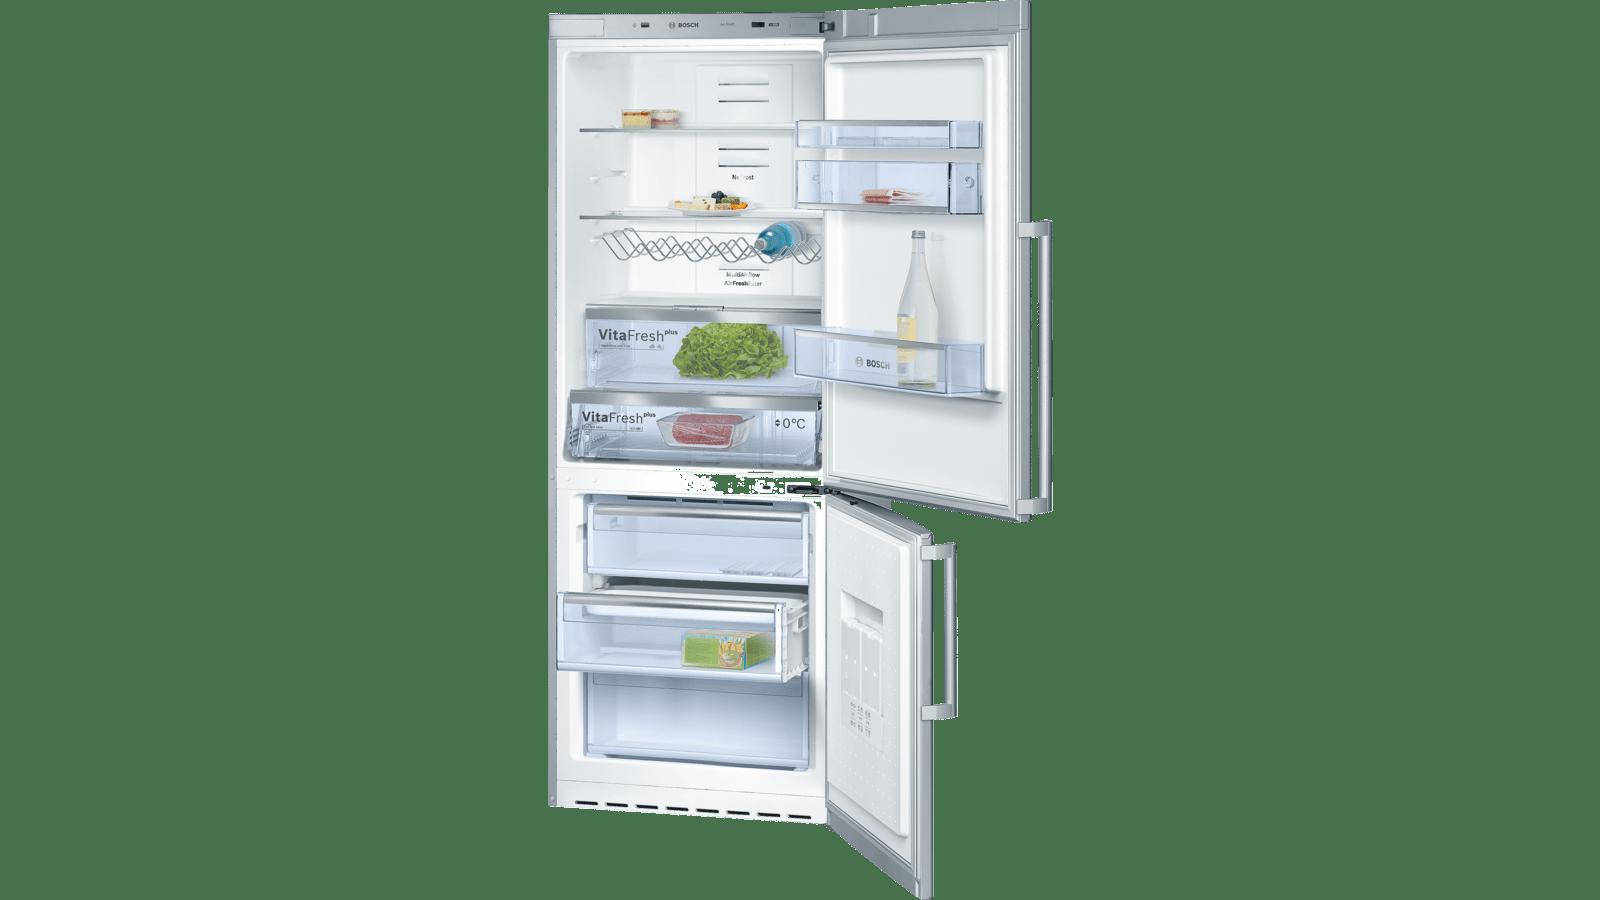 Fagyasztószekrény belső hőmérséklete